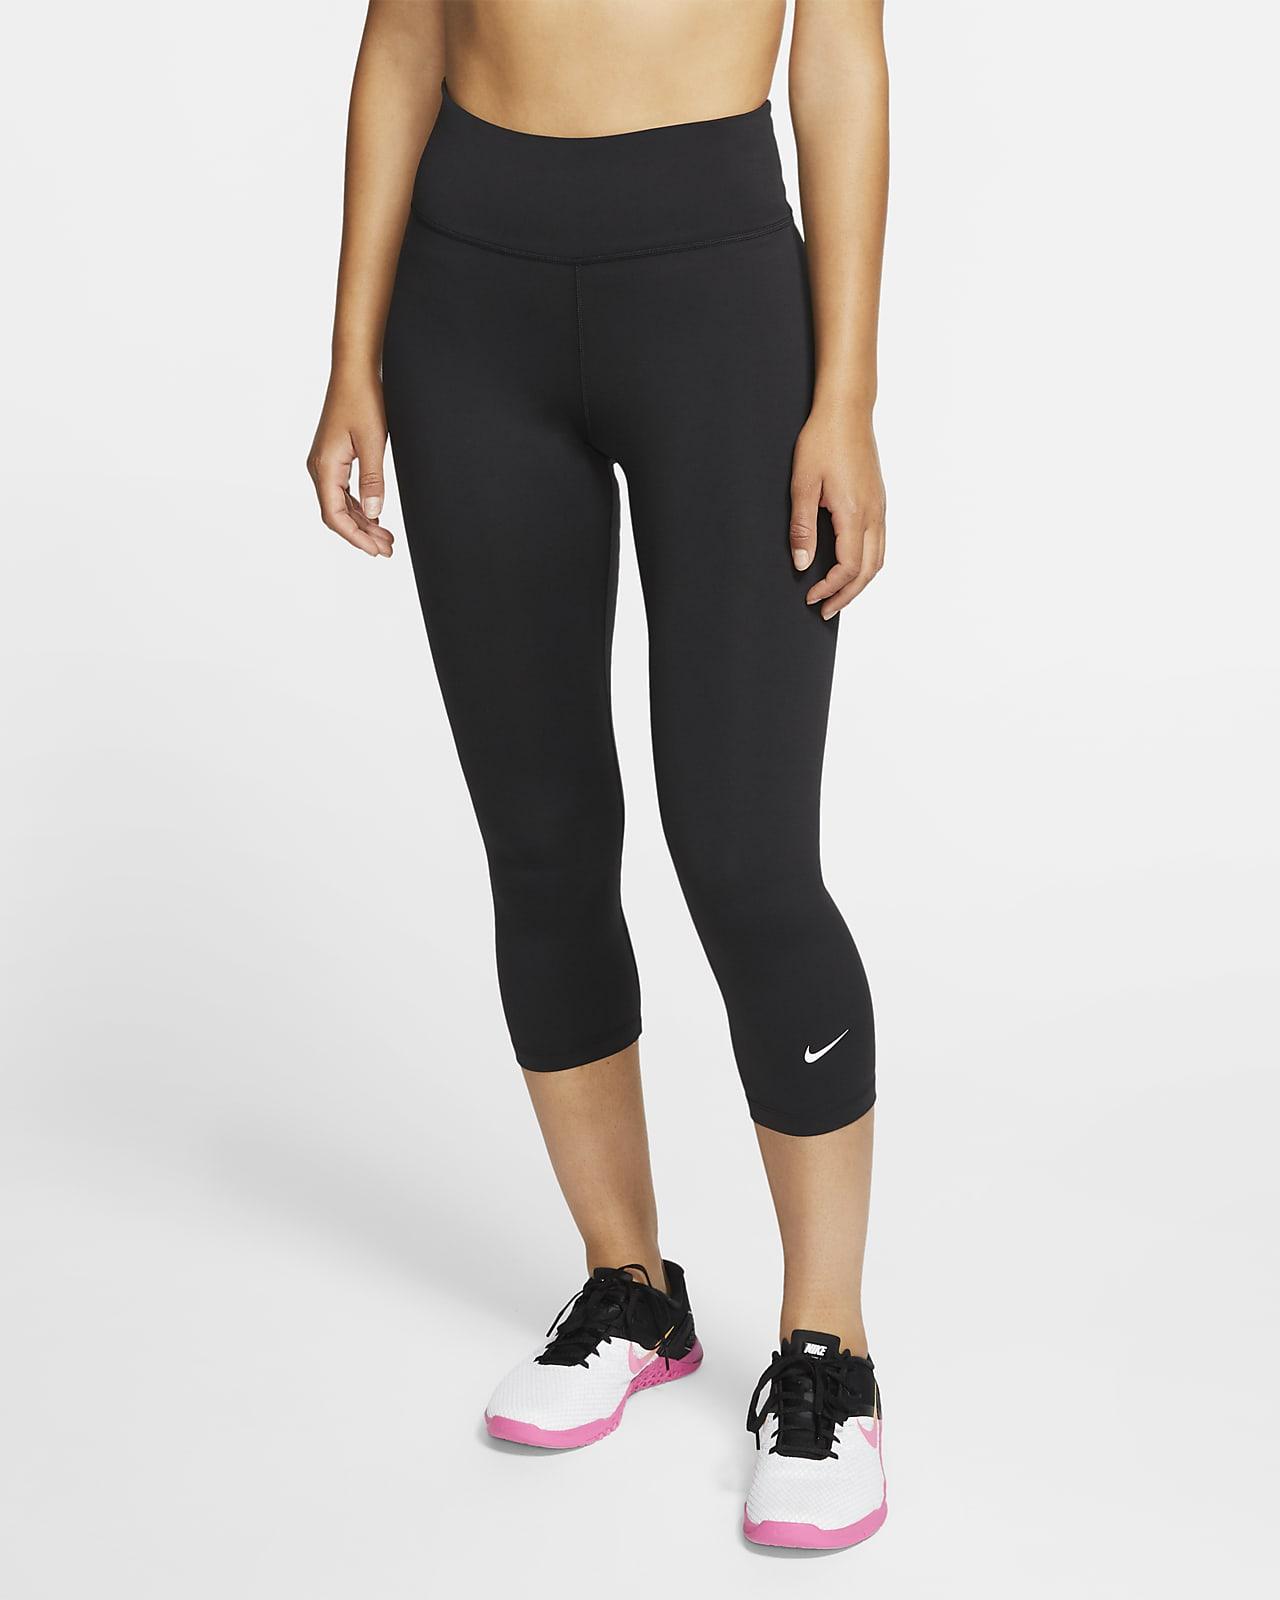 Nike One Damen Caprihose